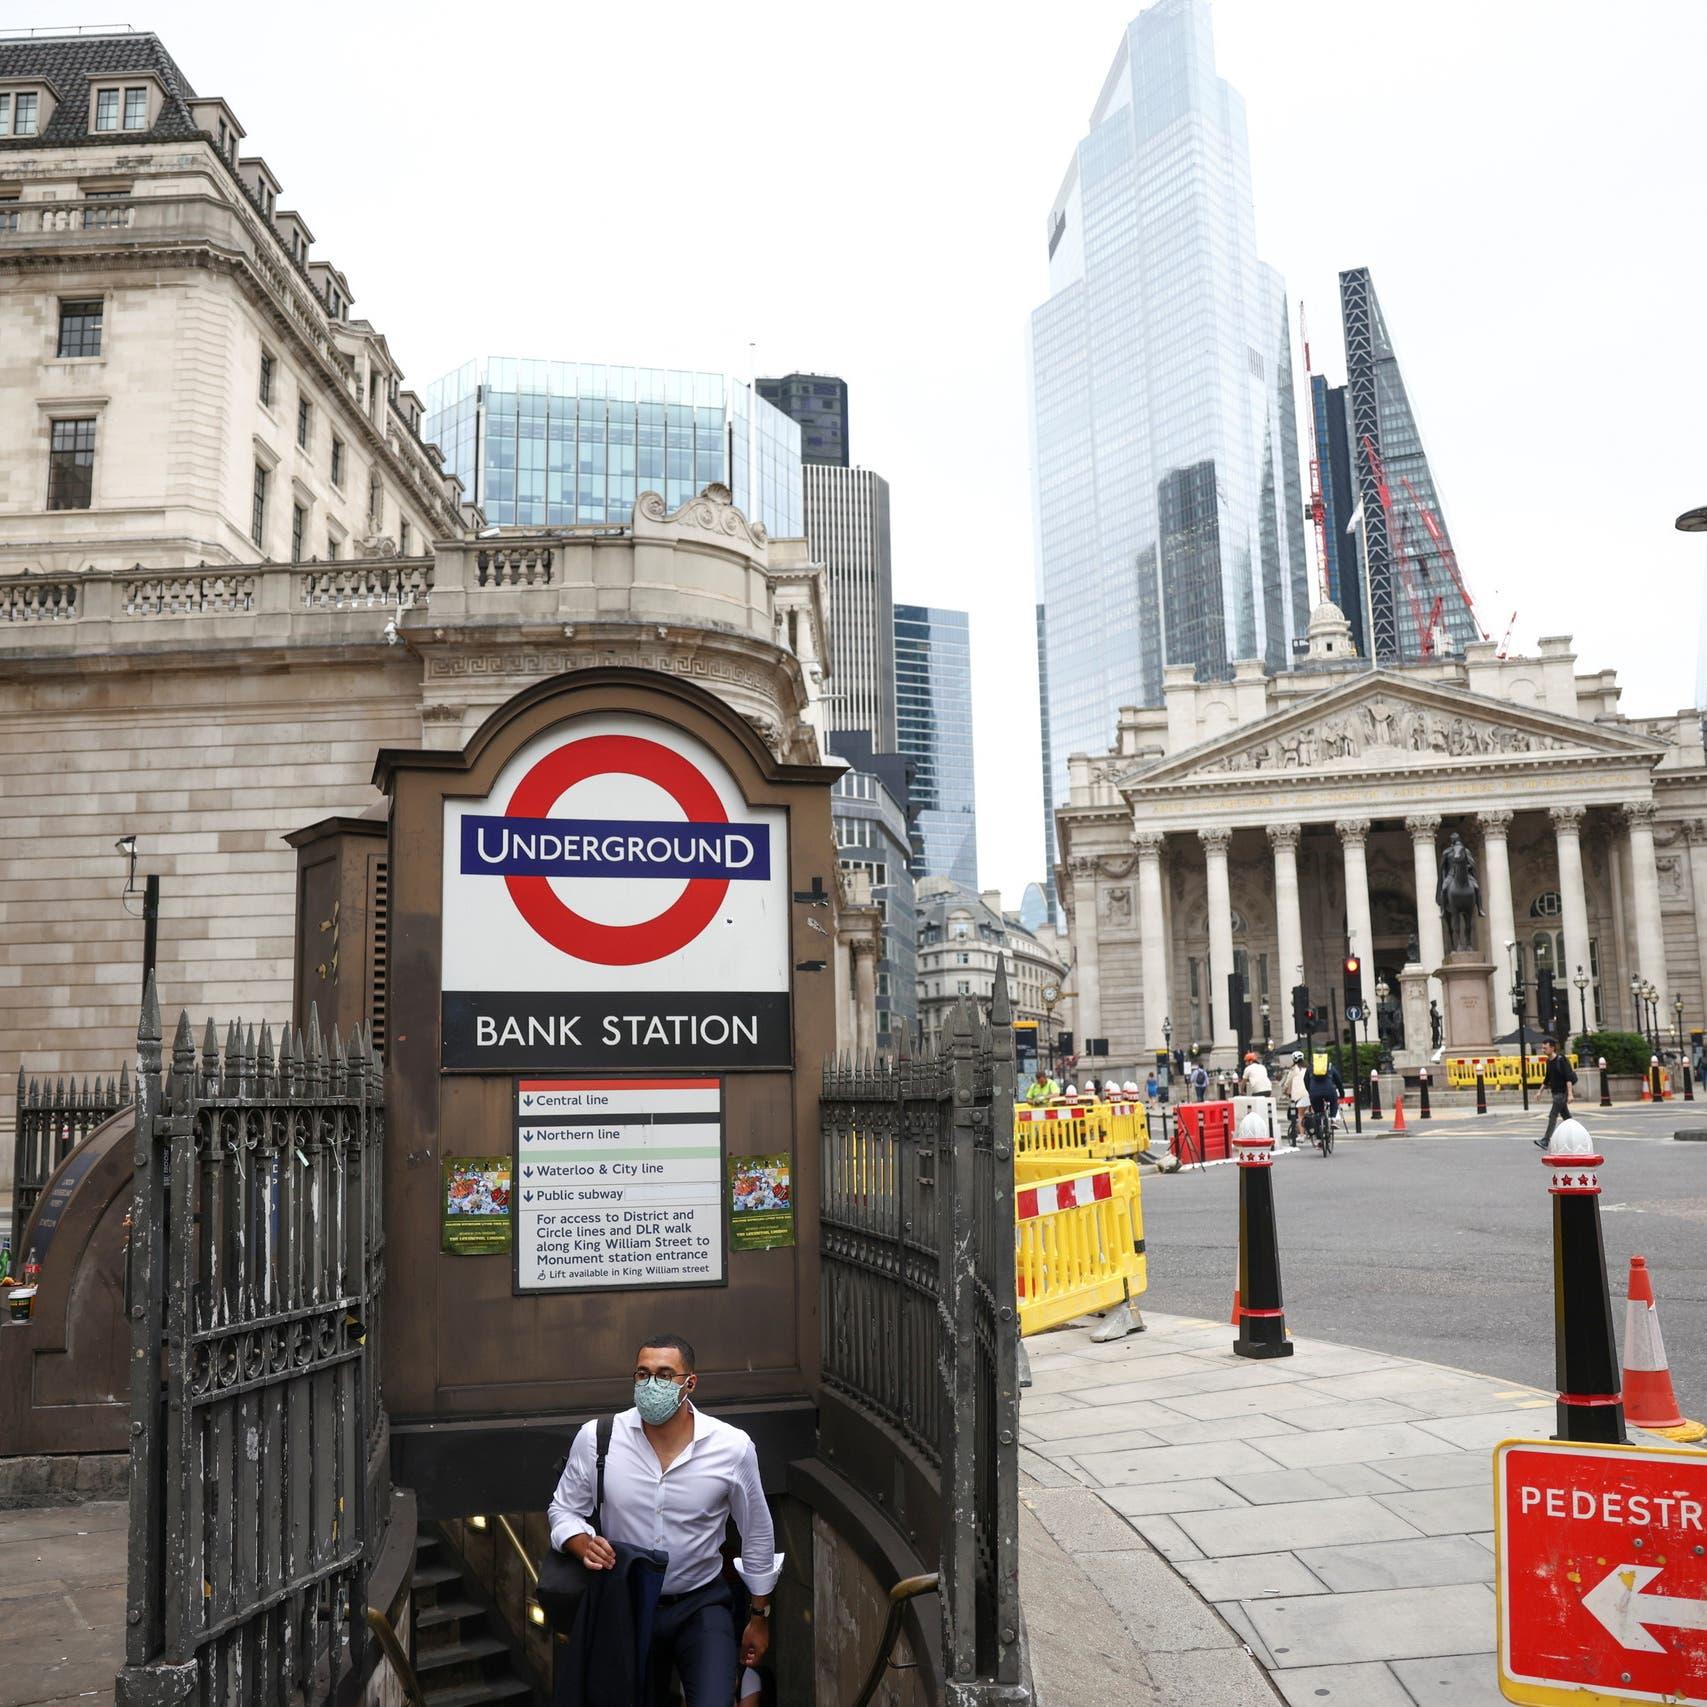 تعافي اقتصاد بريطانيا يتباطأ بشكل حاد في يوليو